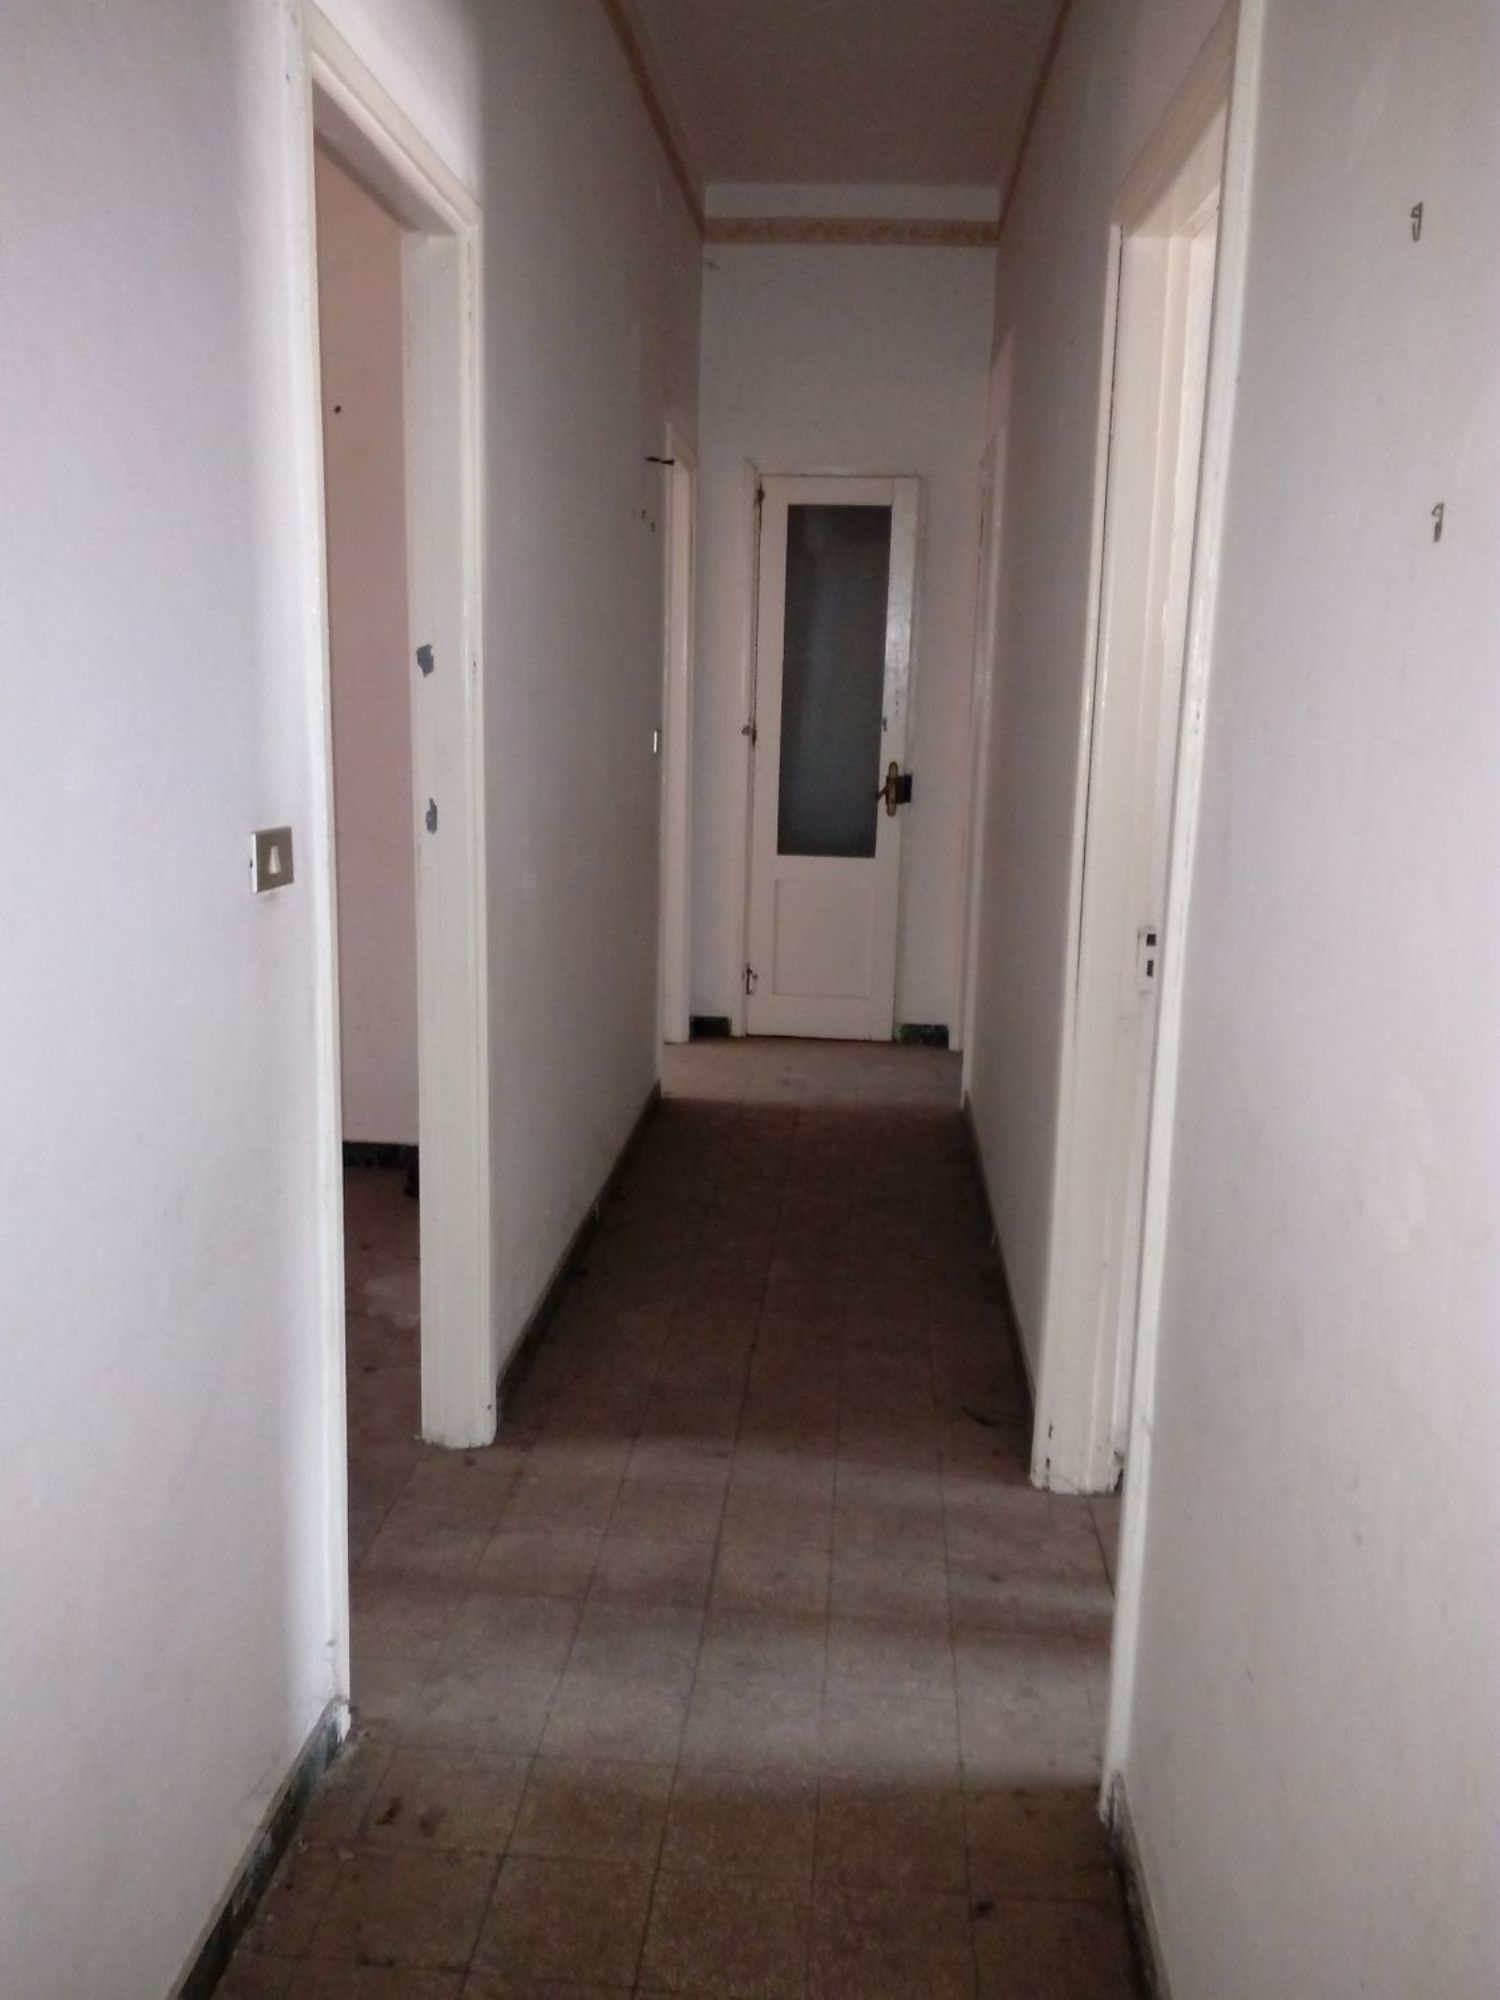 Appartamento in vendita a Avellino, 5 locali, prezzo € 60.000 | Cambio Casa.it